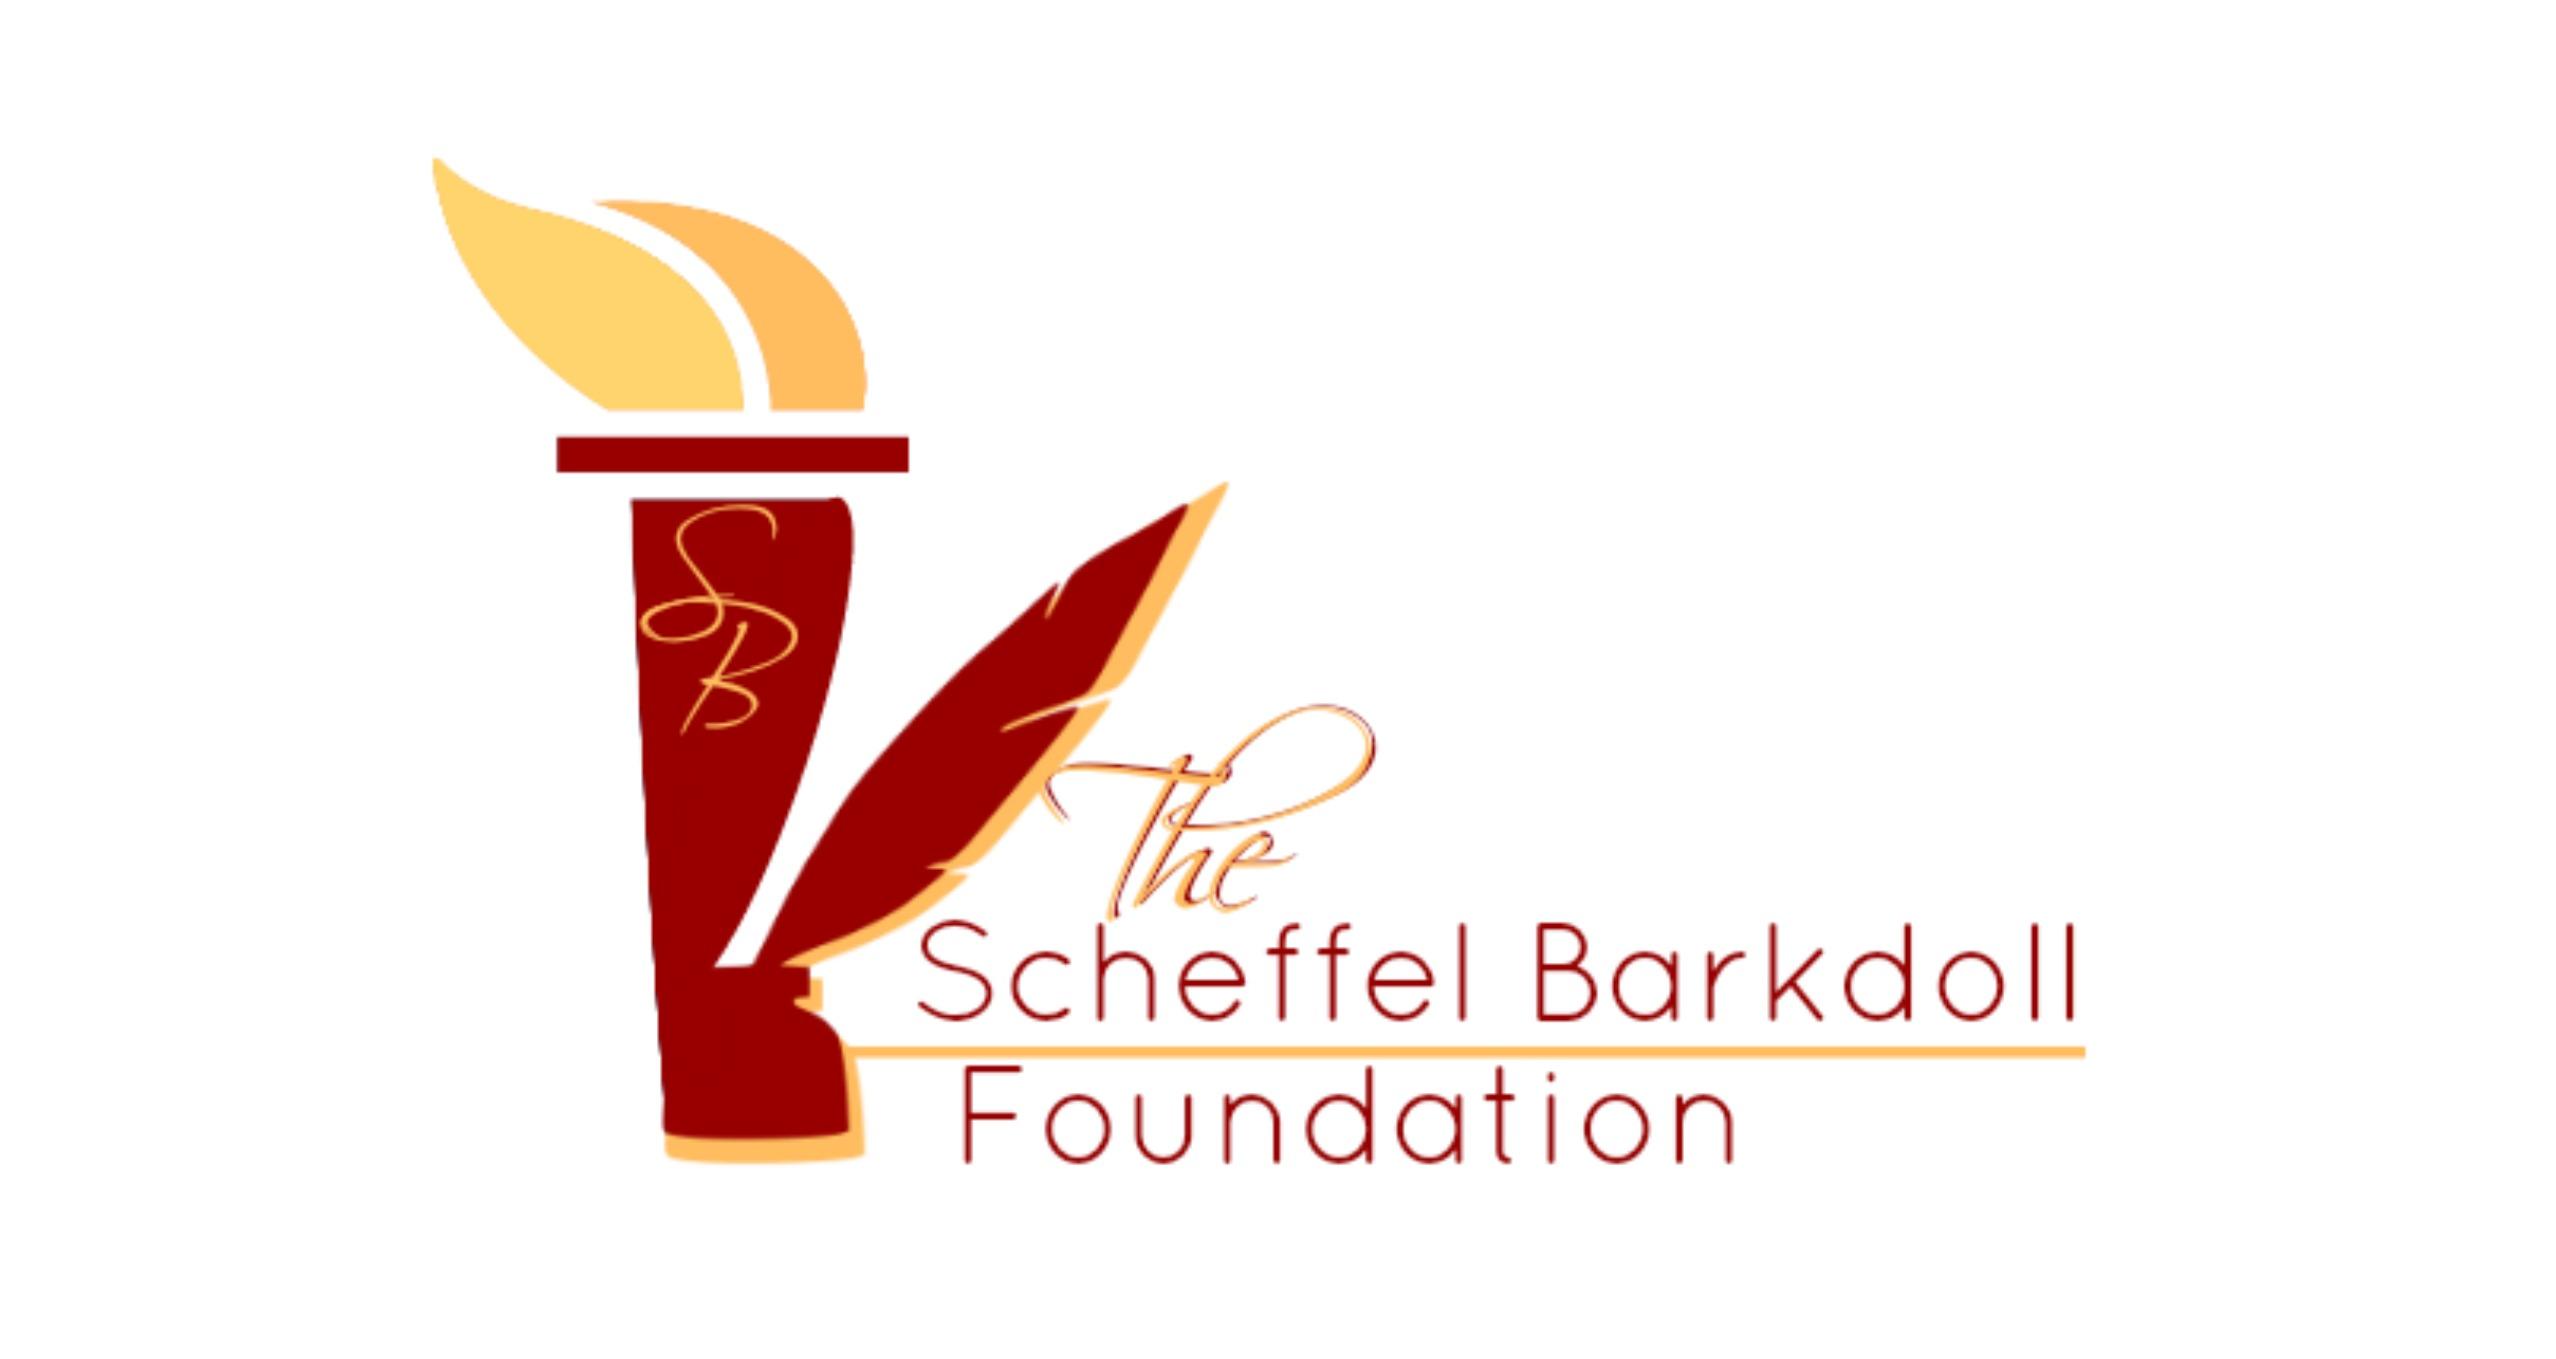 Scheffel Barkdoll Foundation